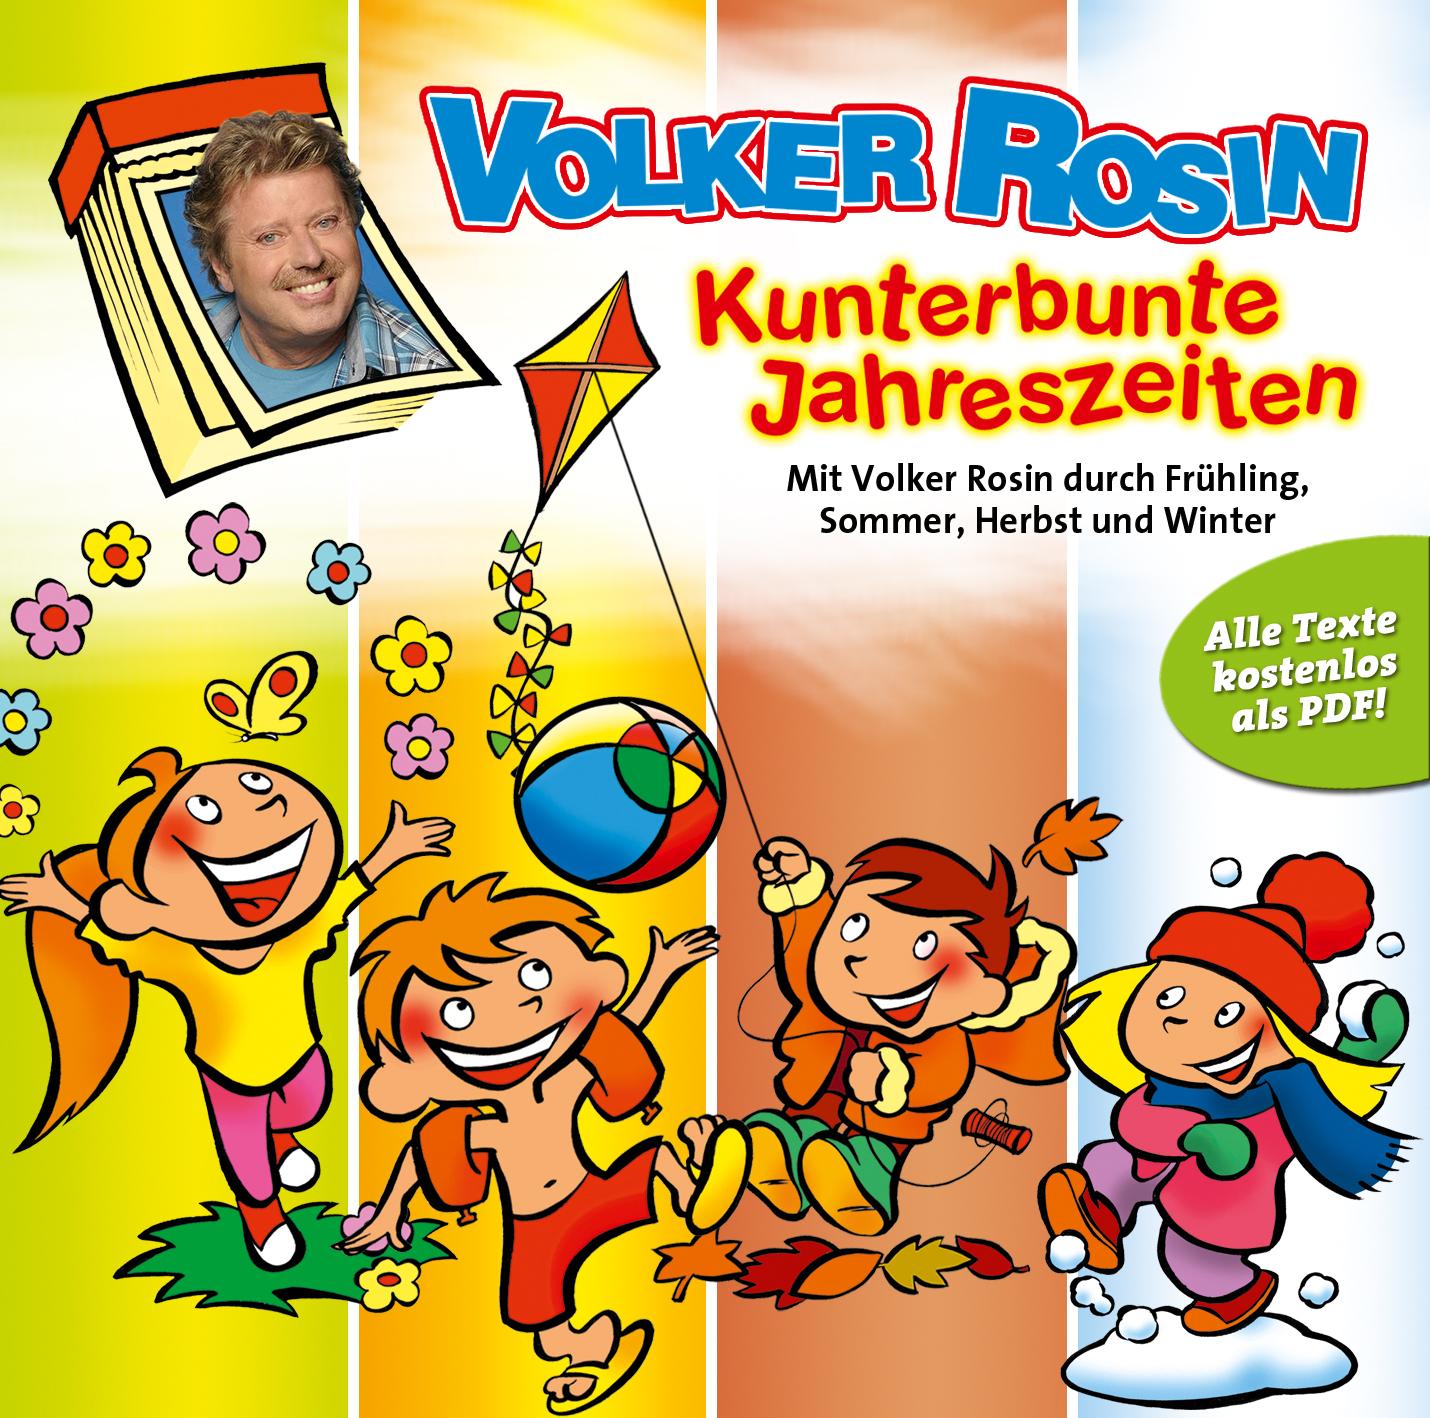 Kunterbunte Jahreszeiten (CD)